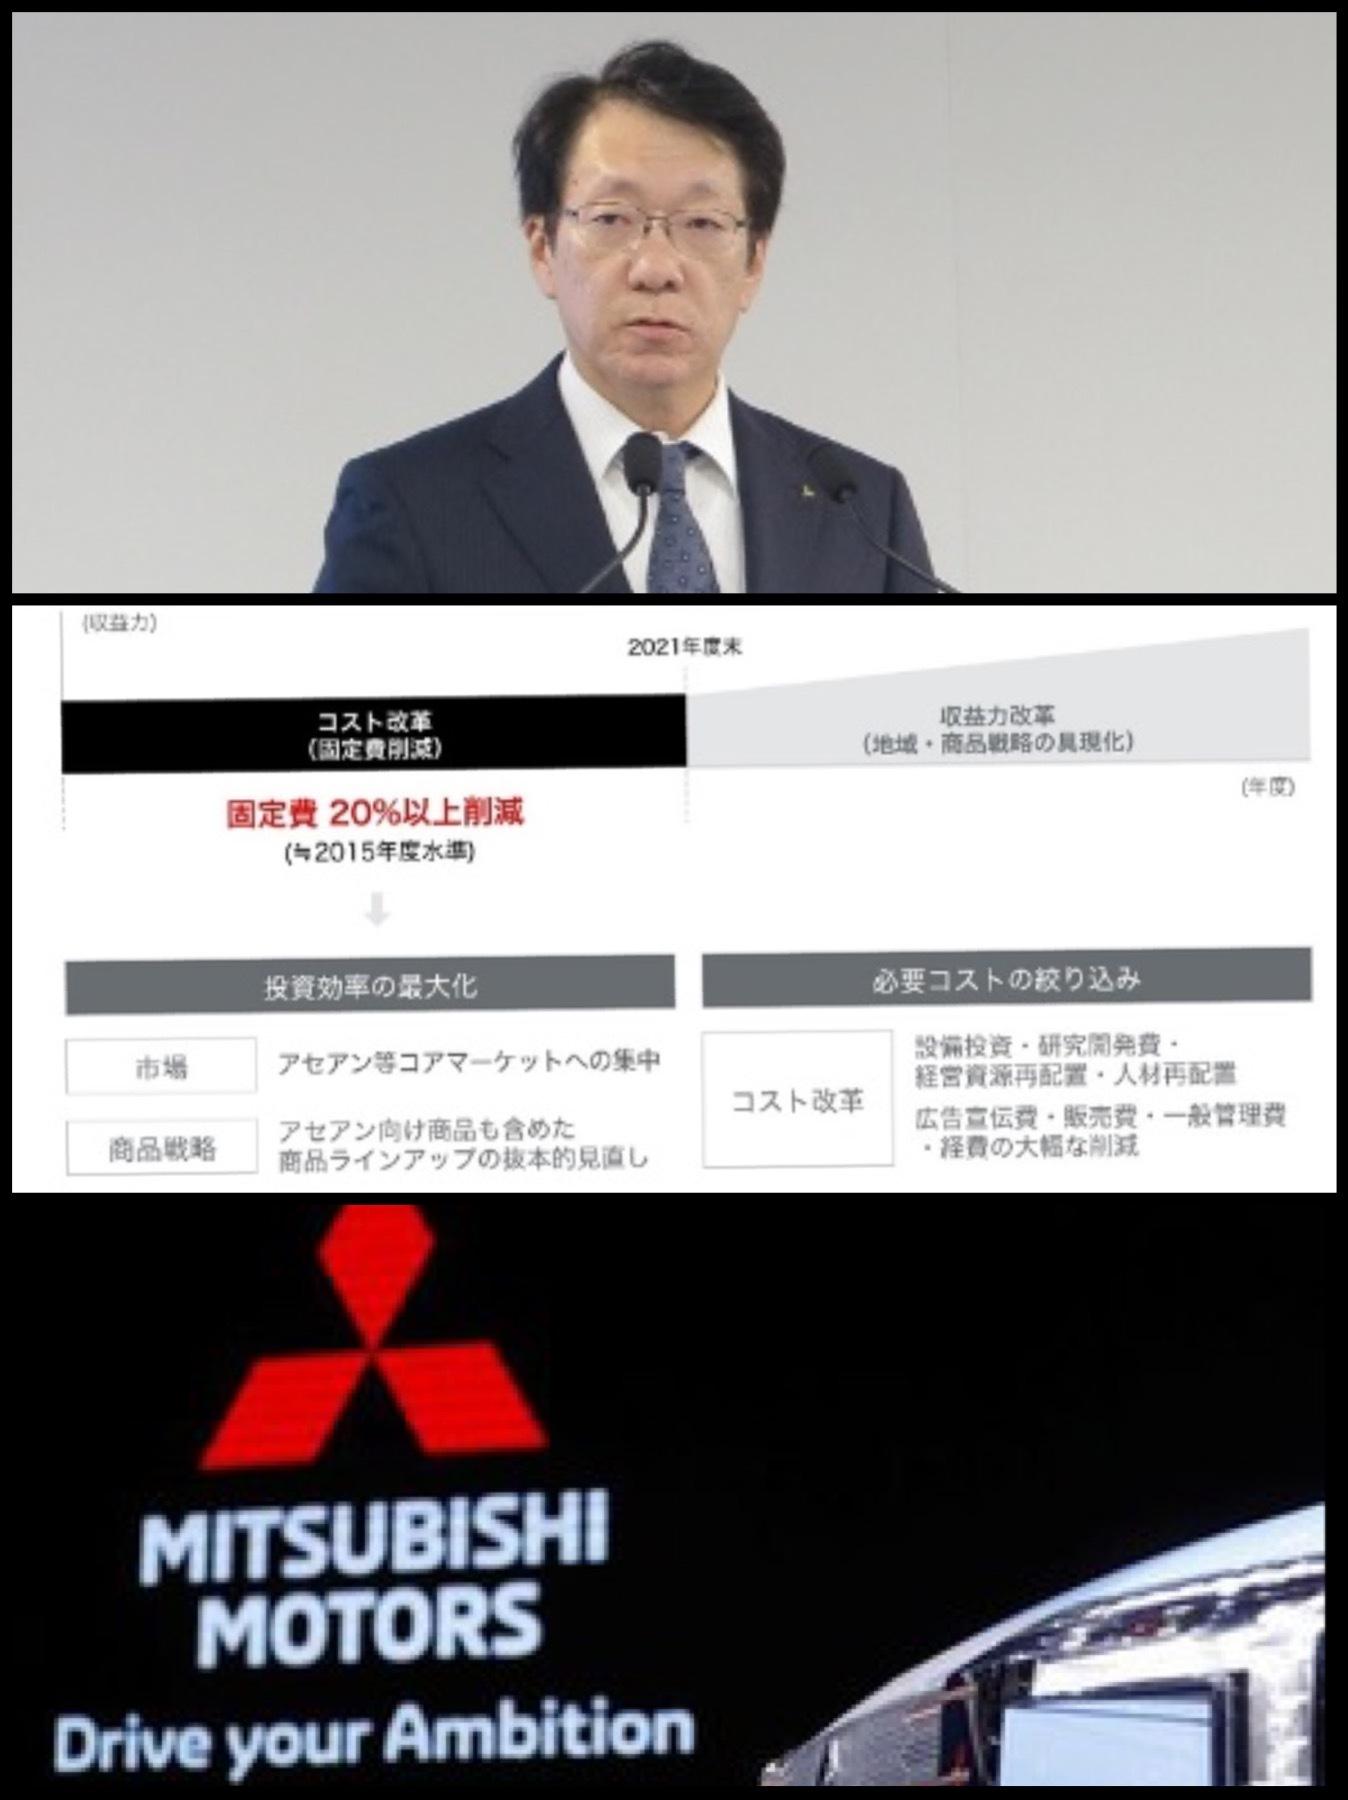 三菱自動車加藤CEO 固定費1000億円 20%削減